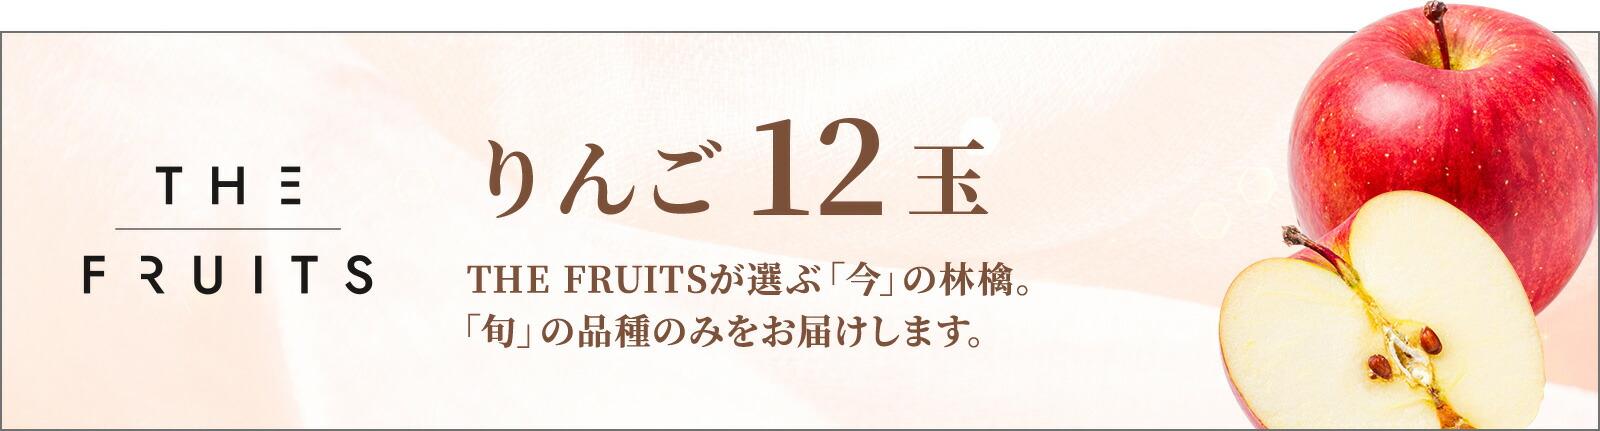 林檎 12玉